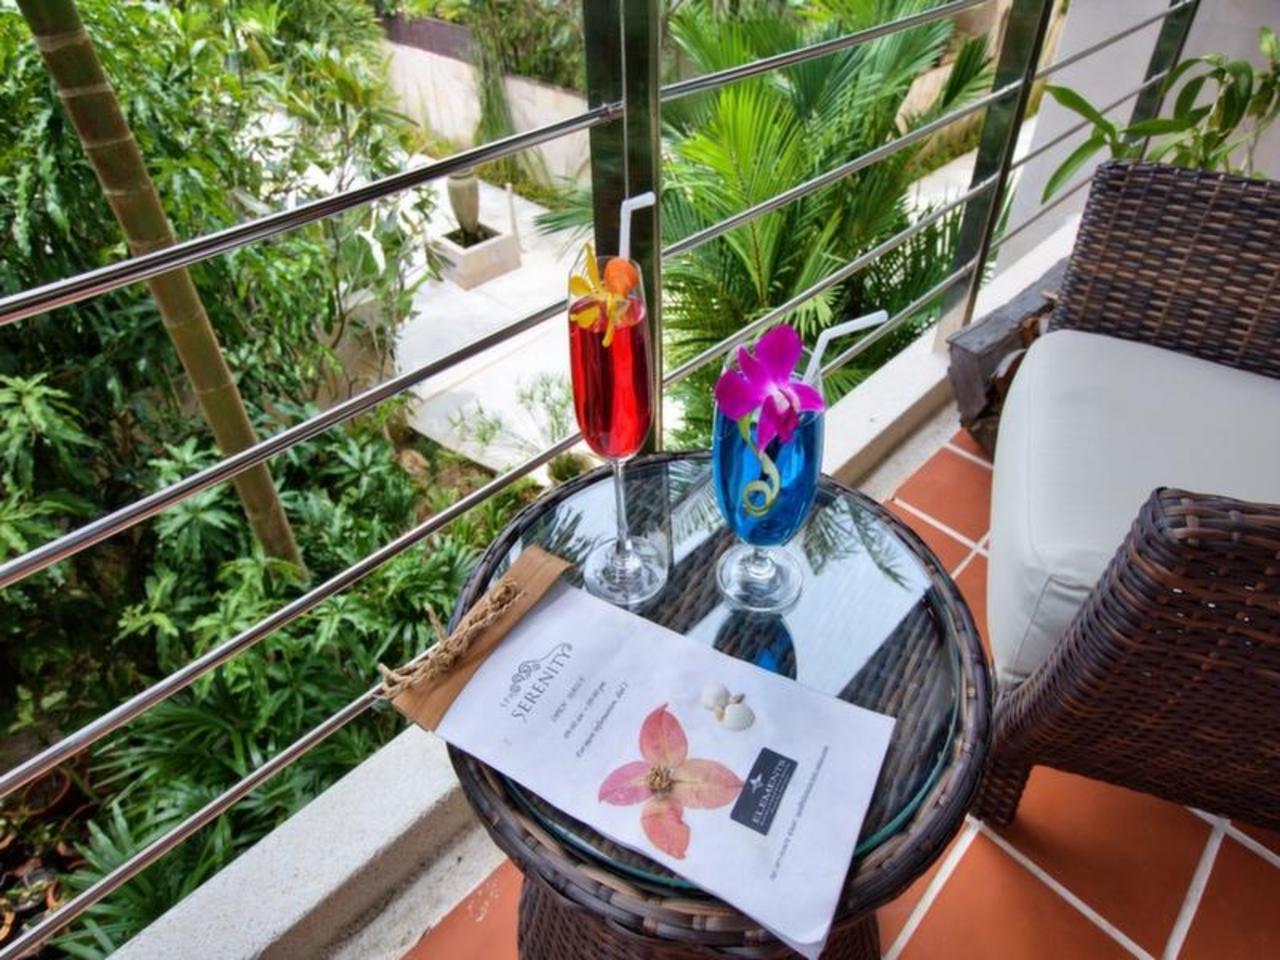 เอเลเมนต์ บูทิก รีสอร์ต แอนด์ สปา ไฮด์อะเวย์ เกาะสมุย (Elements Boutique Resort & Spa Hideaway Koh Samui)